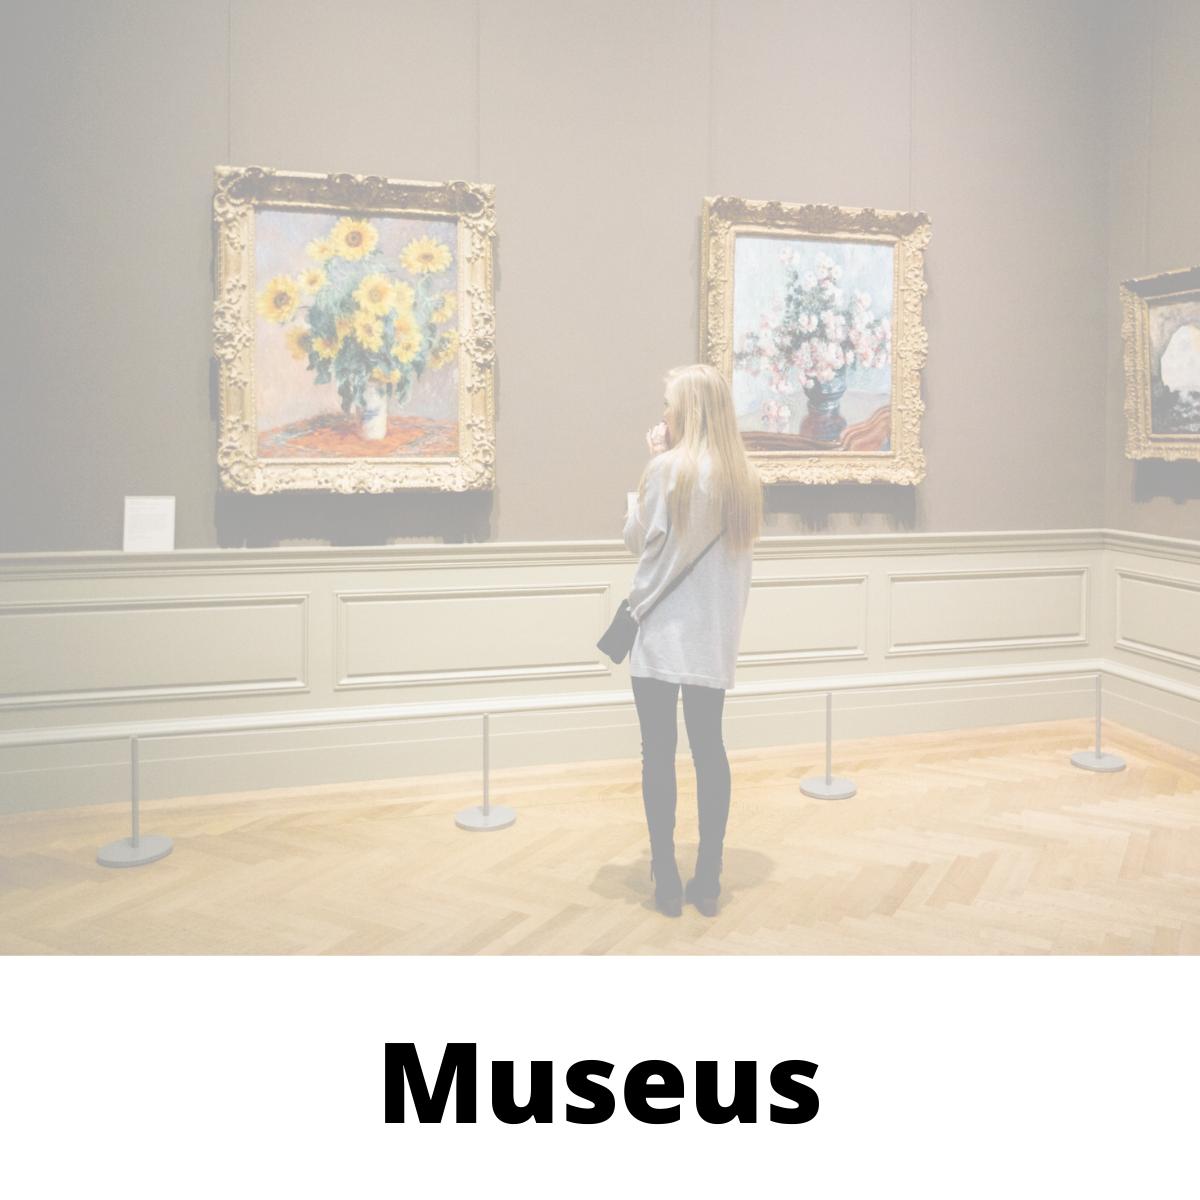 Visite Museus em todo planeta sem sair de casa.